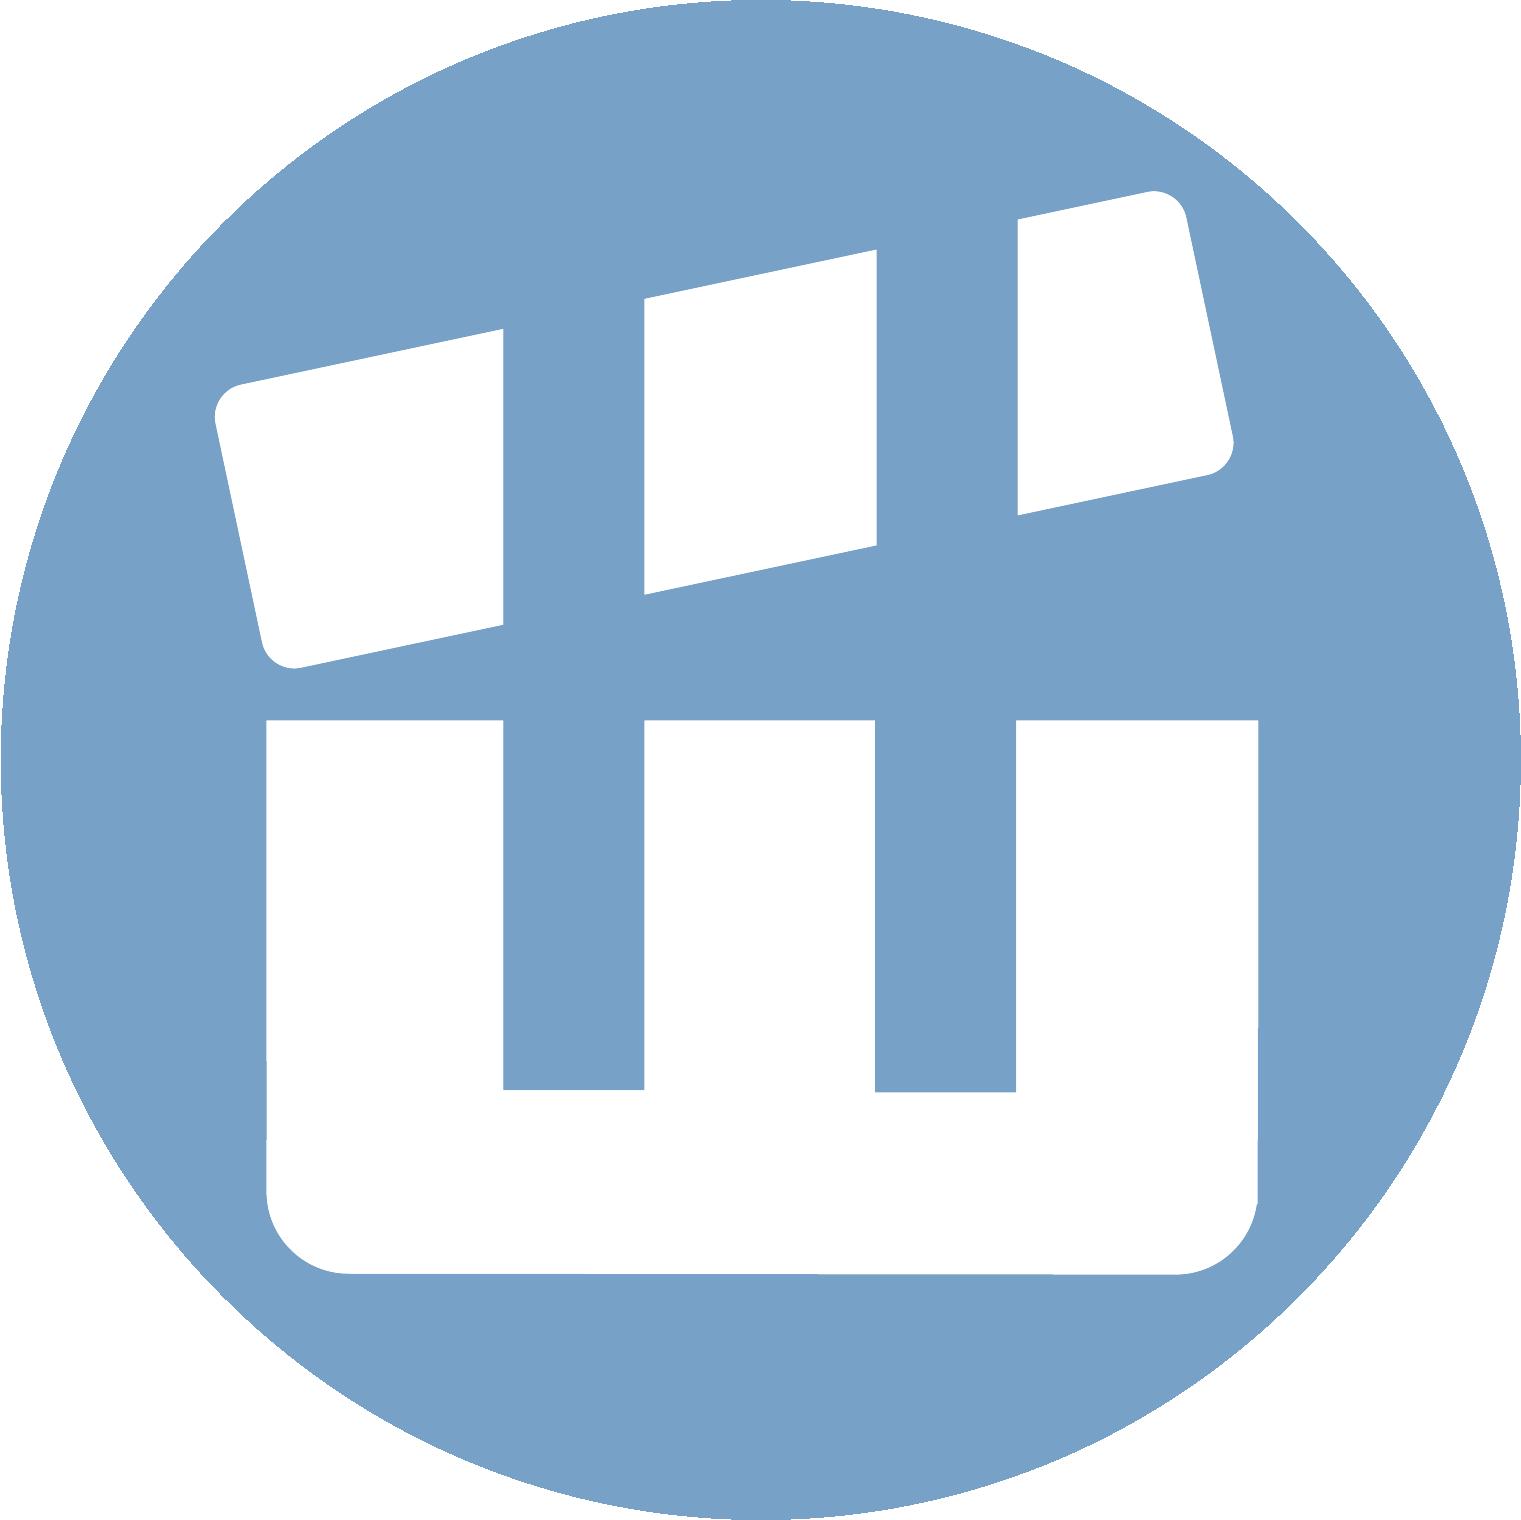 Минская школа киноискусства (эмблема-логотип: Ш-хлопушка): голубой кружок ссимволом посередине